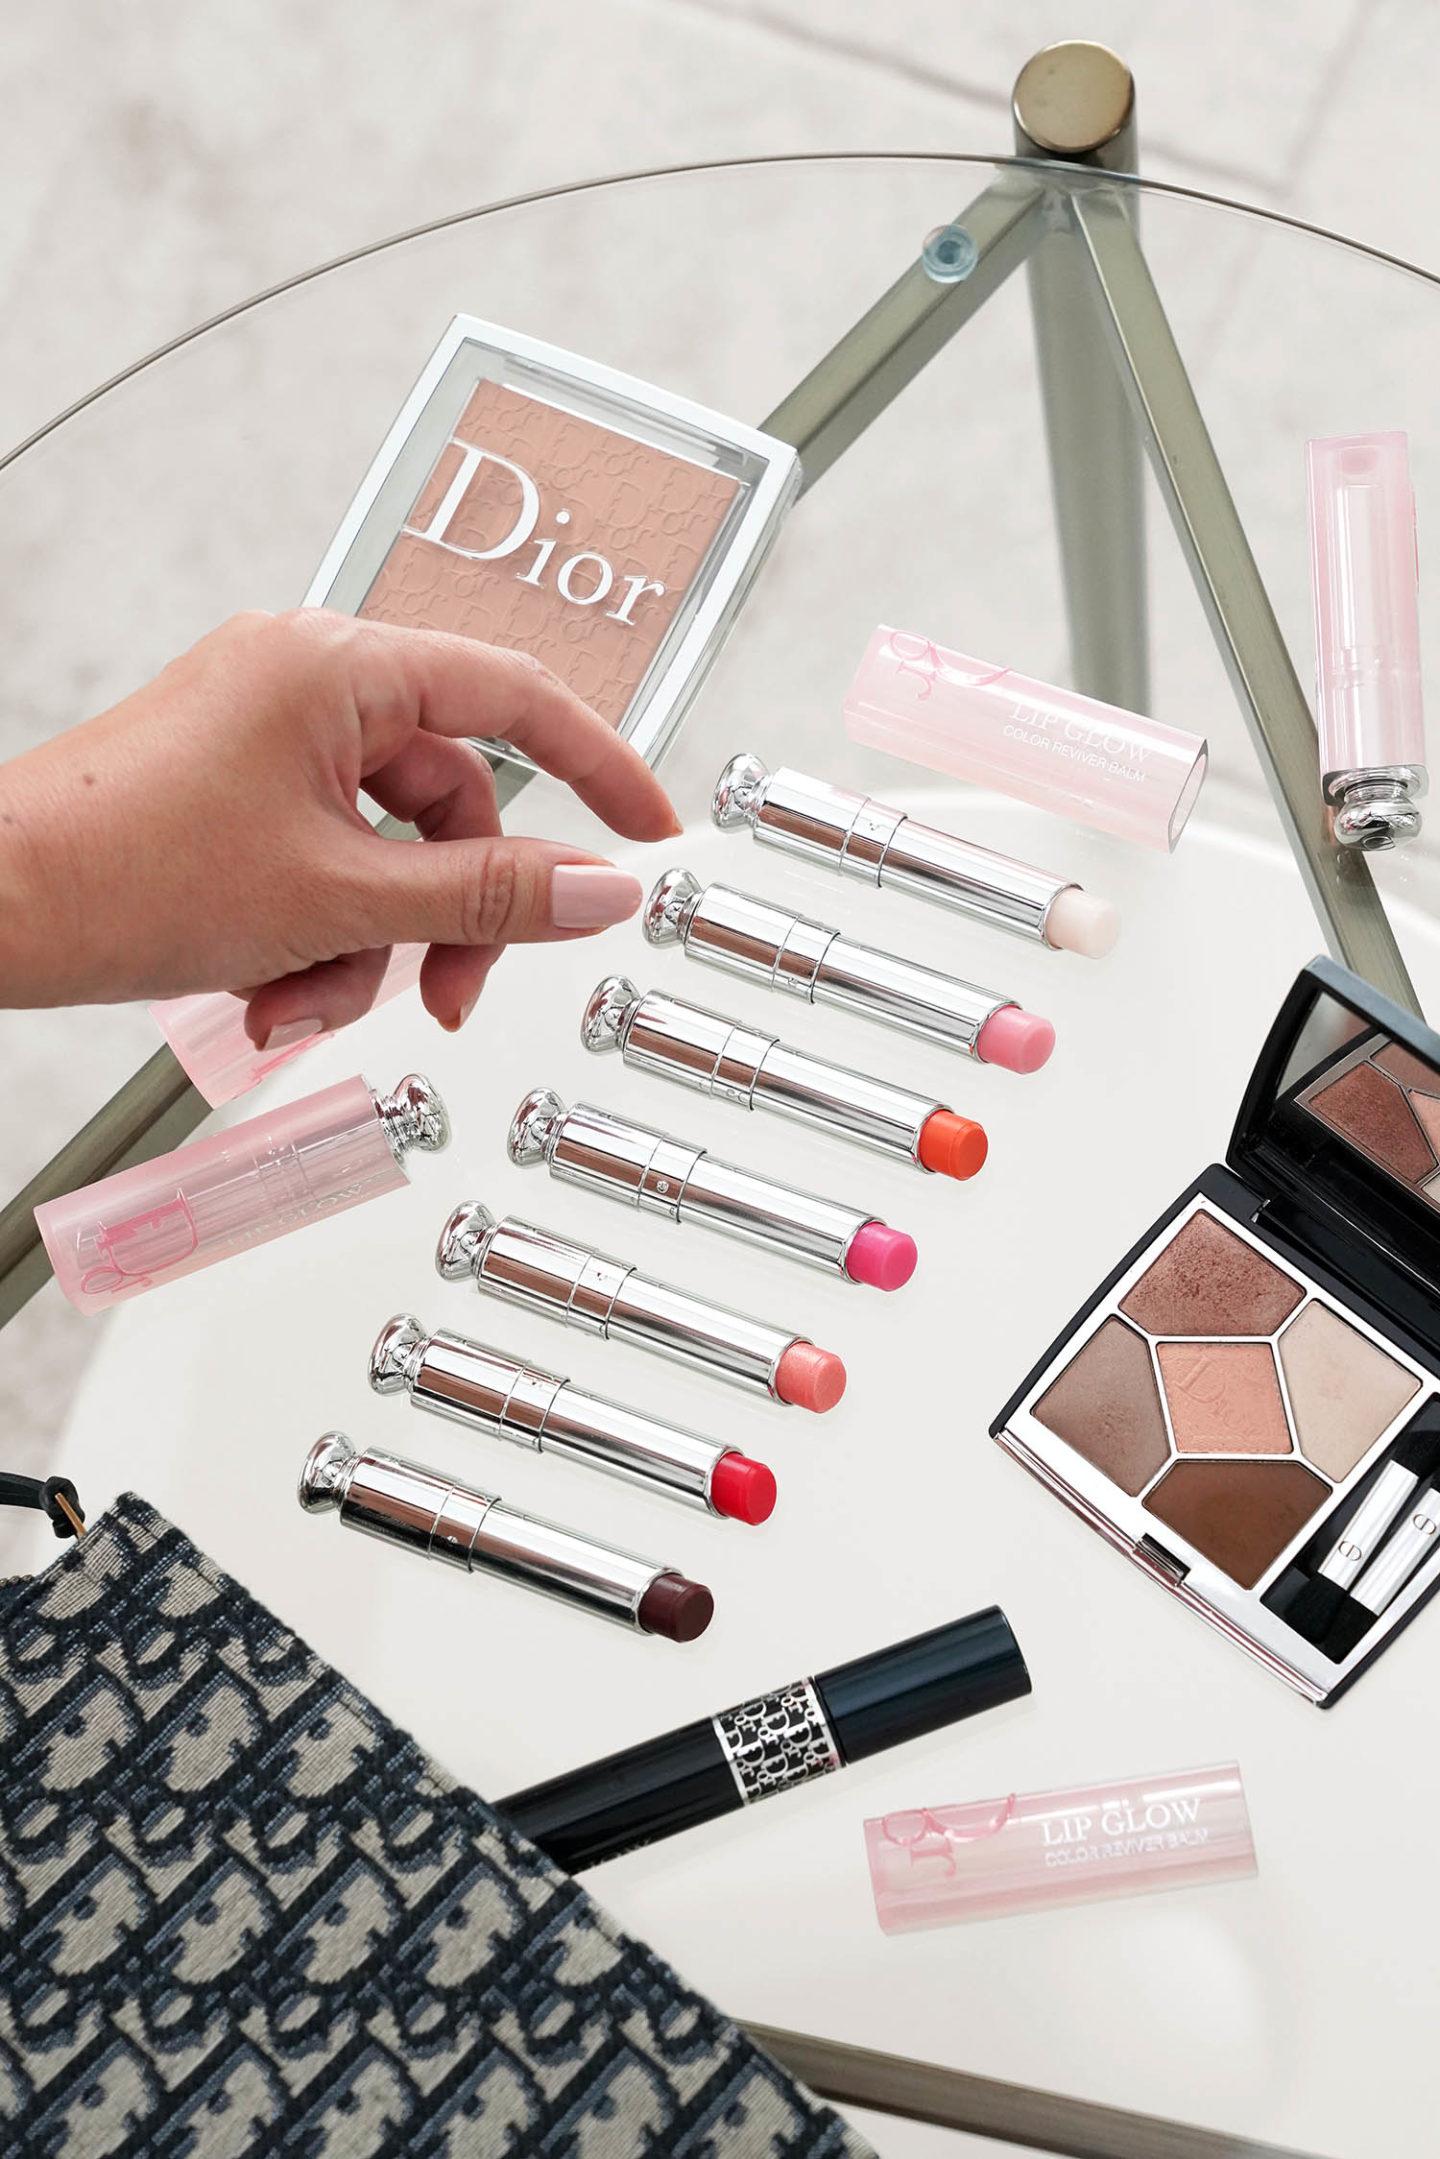 Dior Addict Lip Glow nouvelle formule |  Le Lookbook Beauté